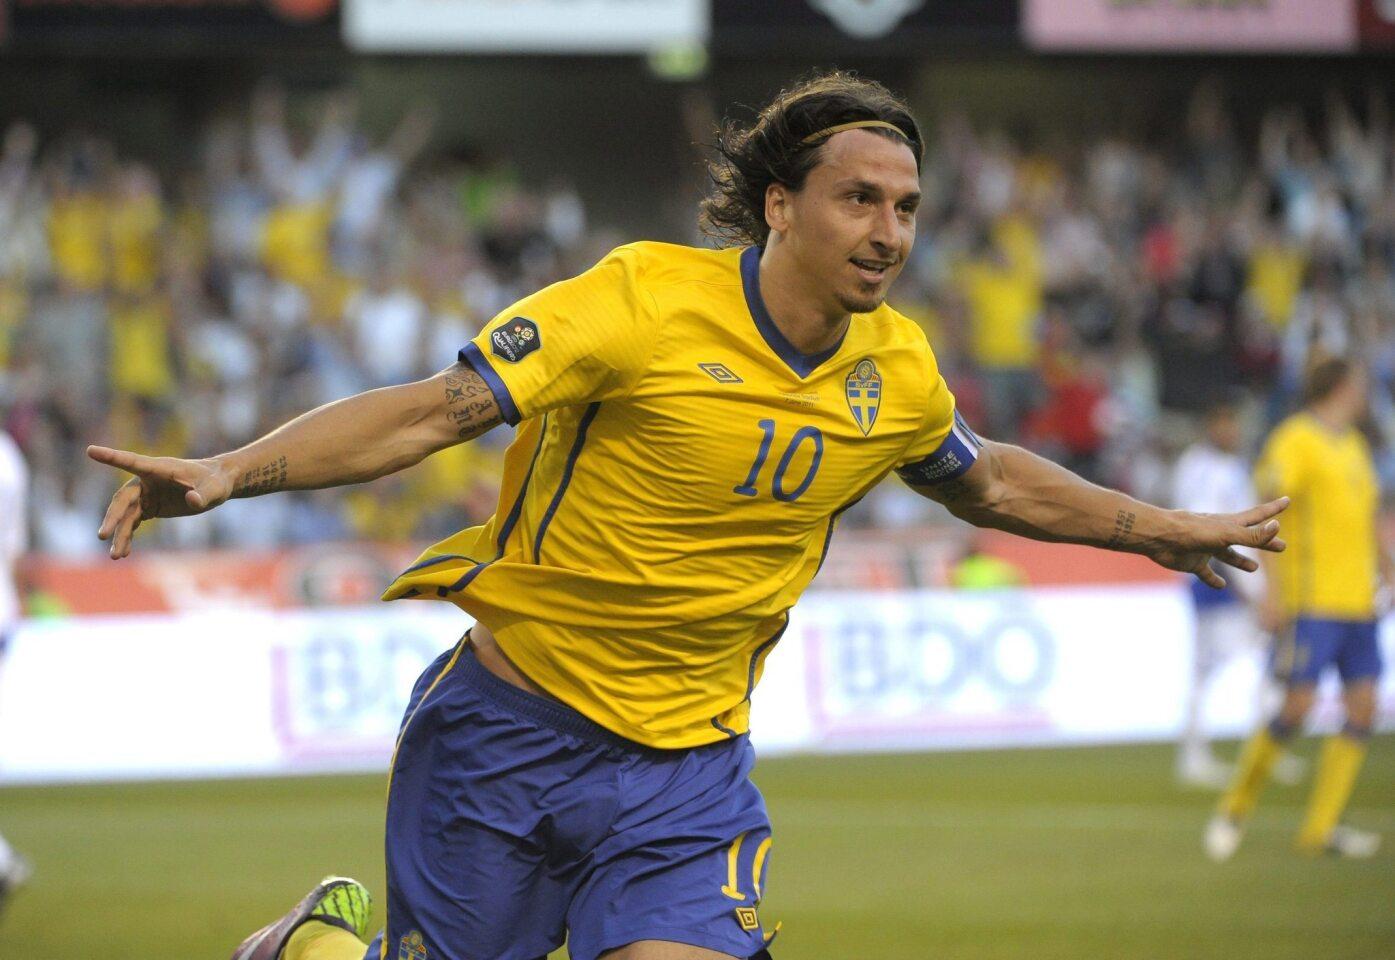 Con su equipo nacional, es el máximo goleador en la historia de Suecia, con 62 tantos. En 2012, anotó 11 tantos, mientras que en 2015 colaboró con otros 11.